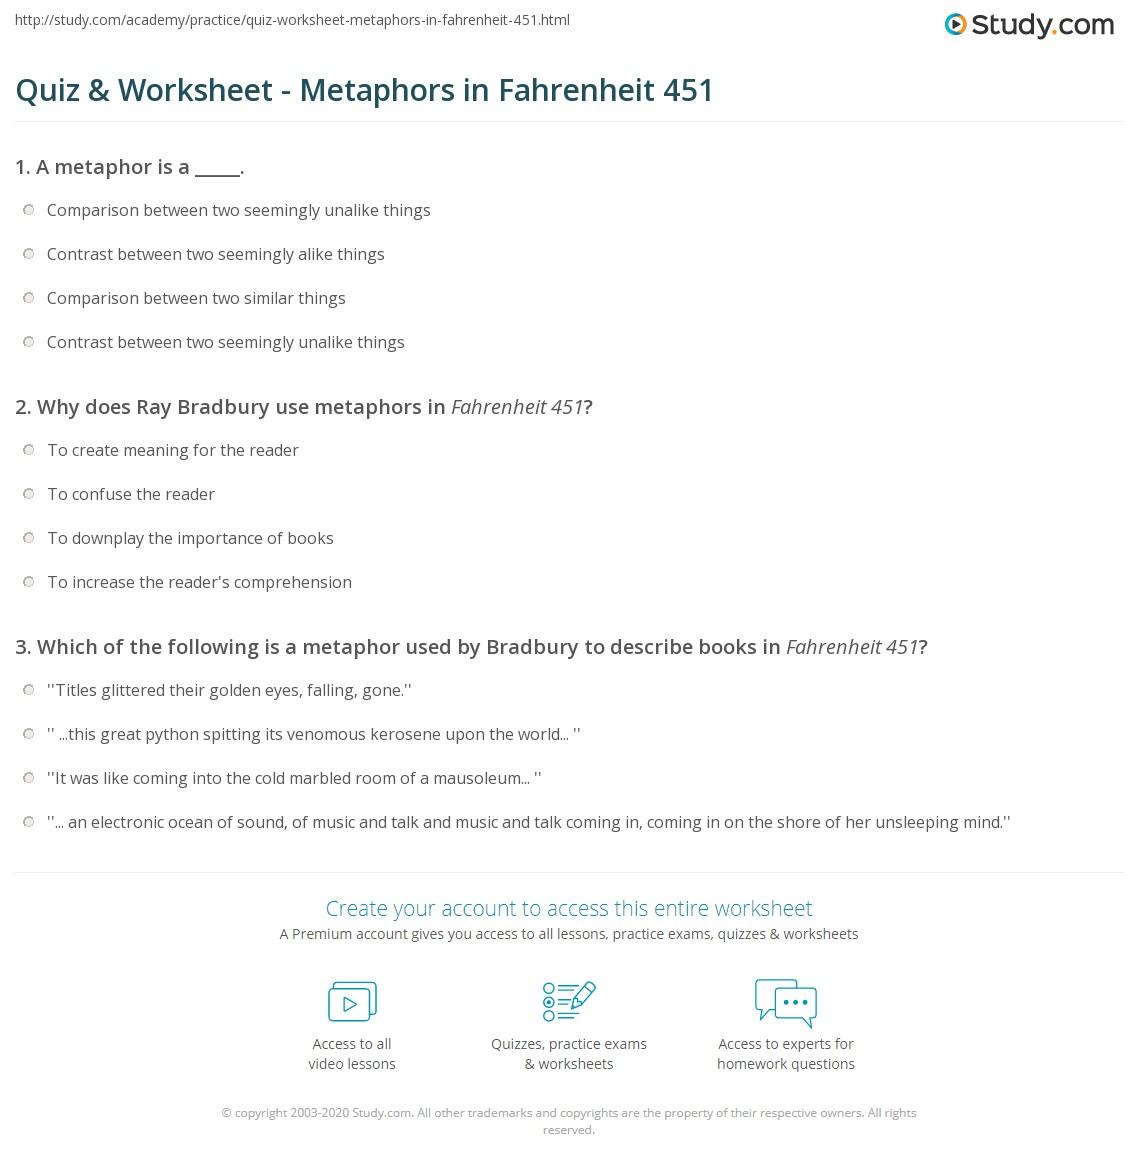 Quiz Worksheet Metaphors In Fahrenheit 451 Study